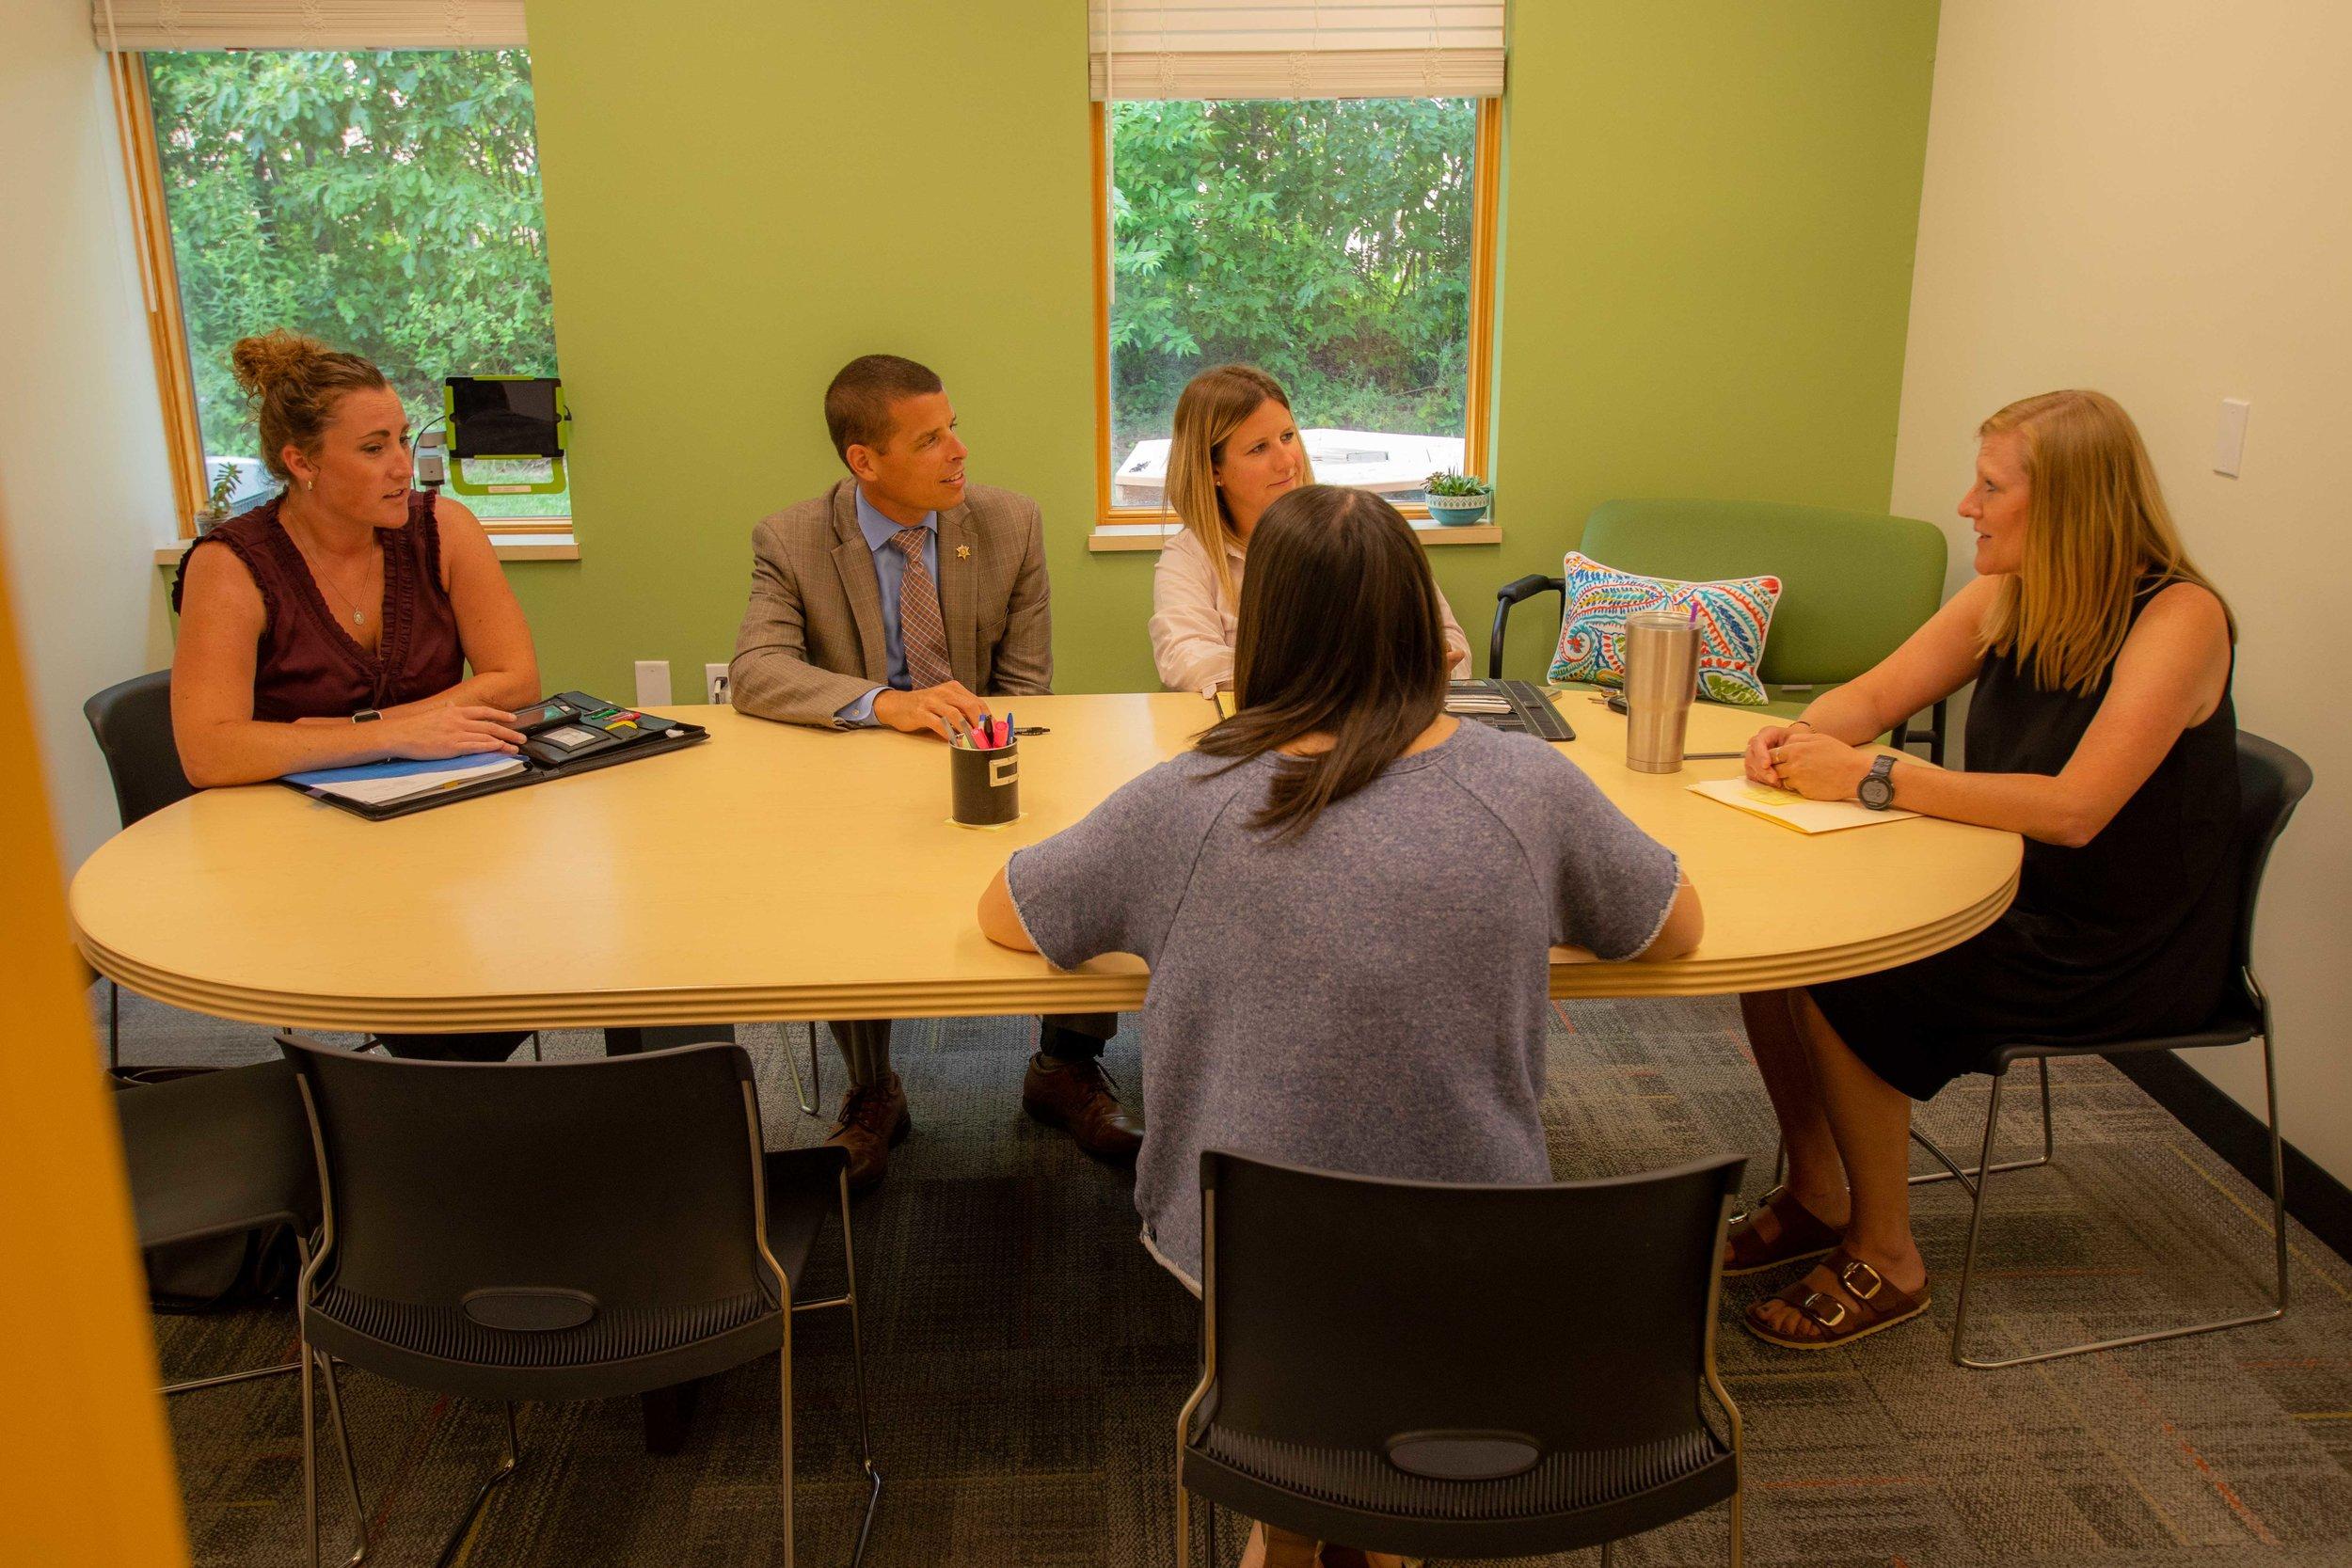 Post Meeting Room -